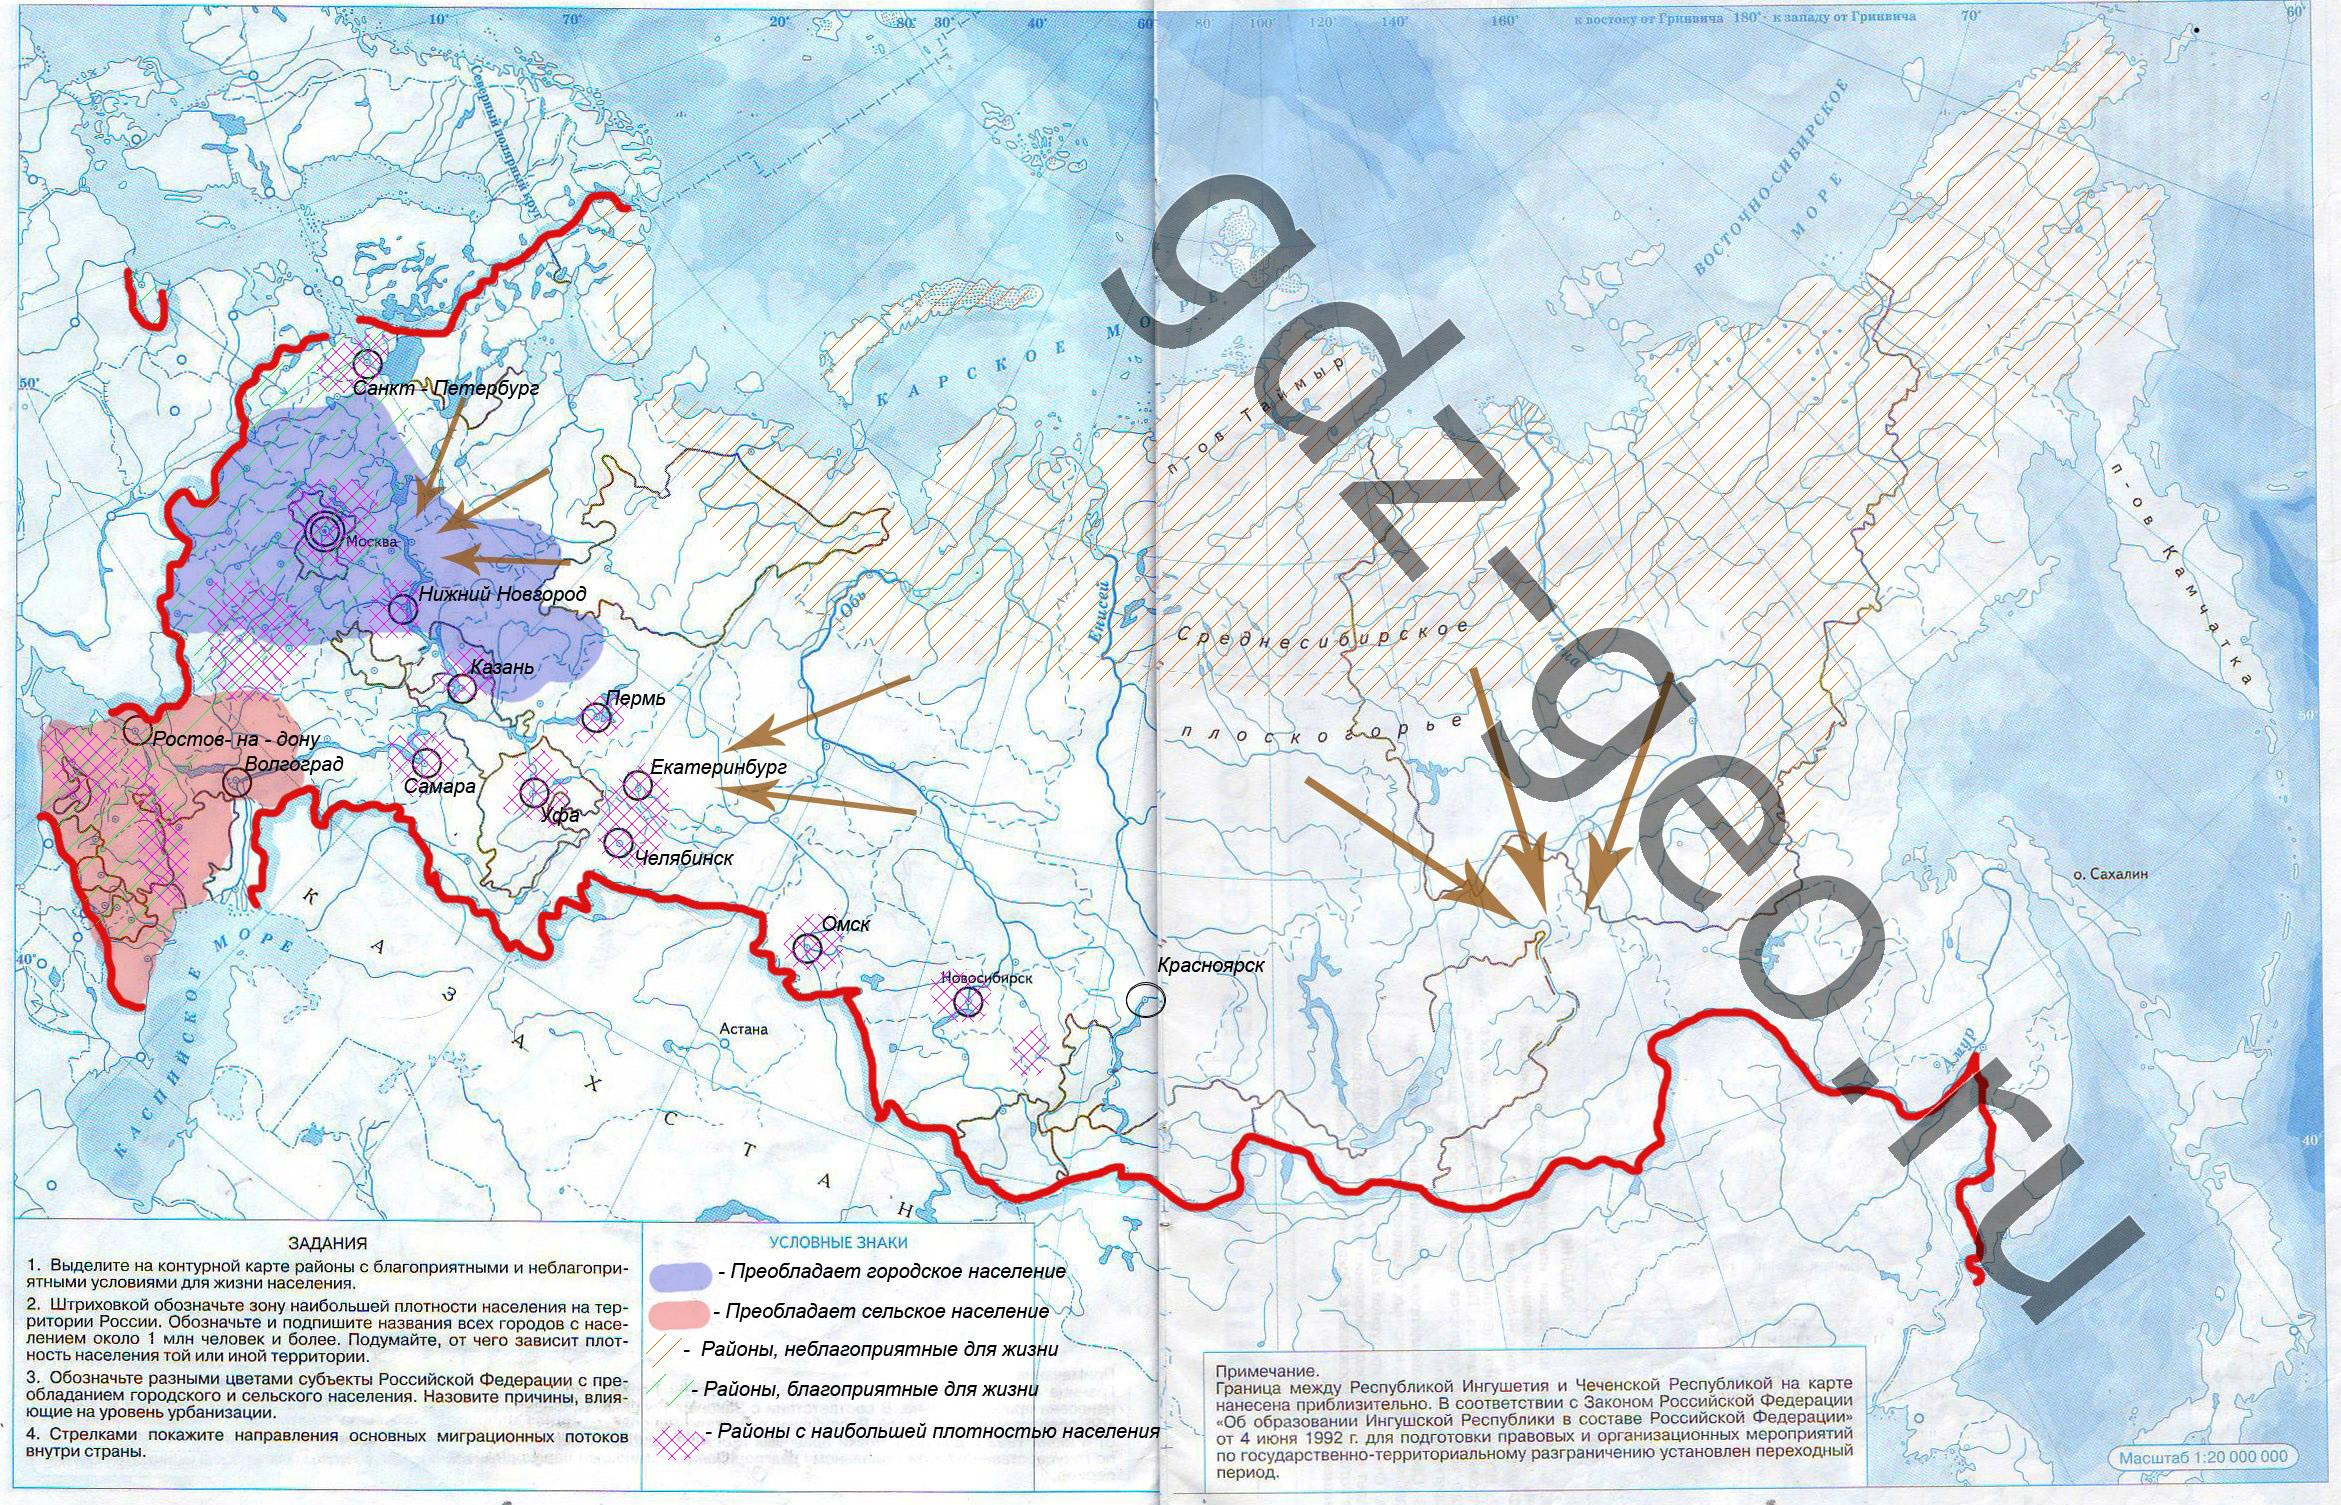 Гдз по географии контурная карта 9 класс спиши.ру дронов